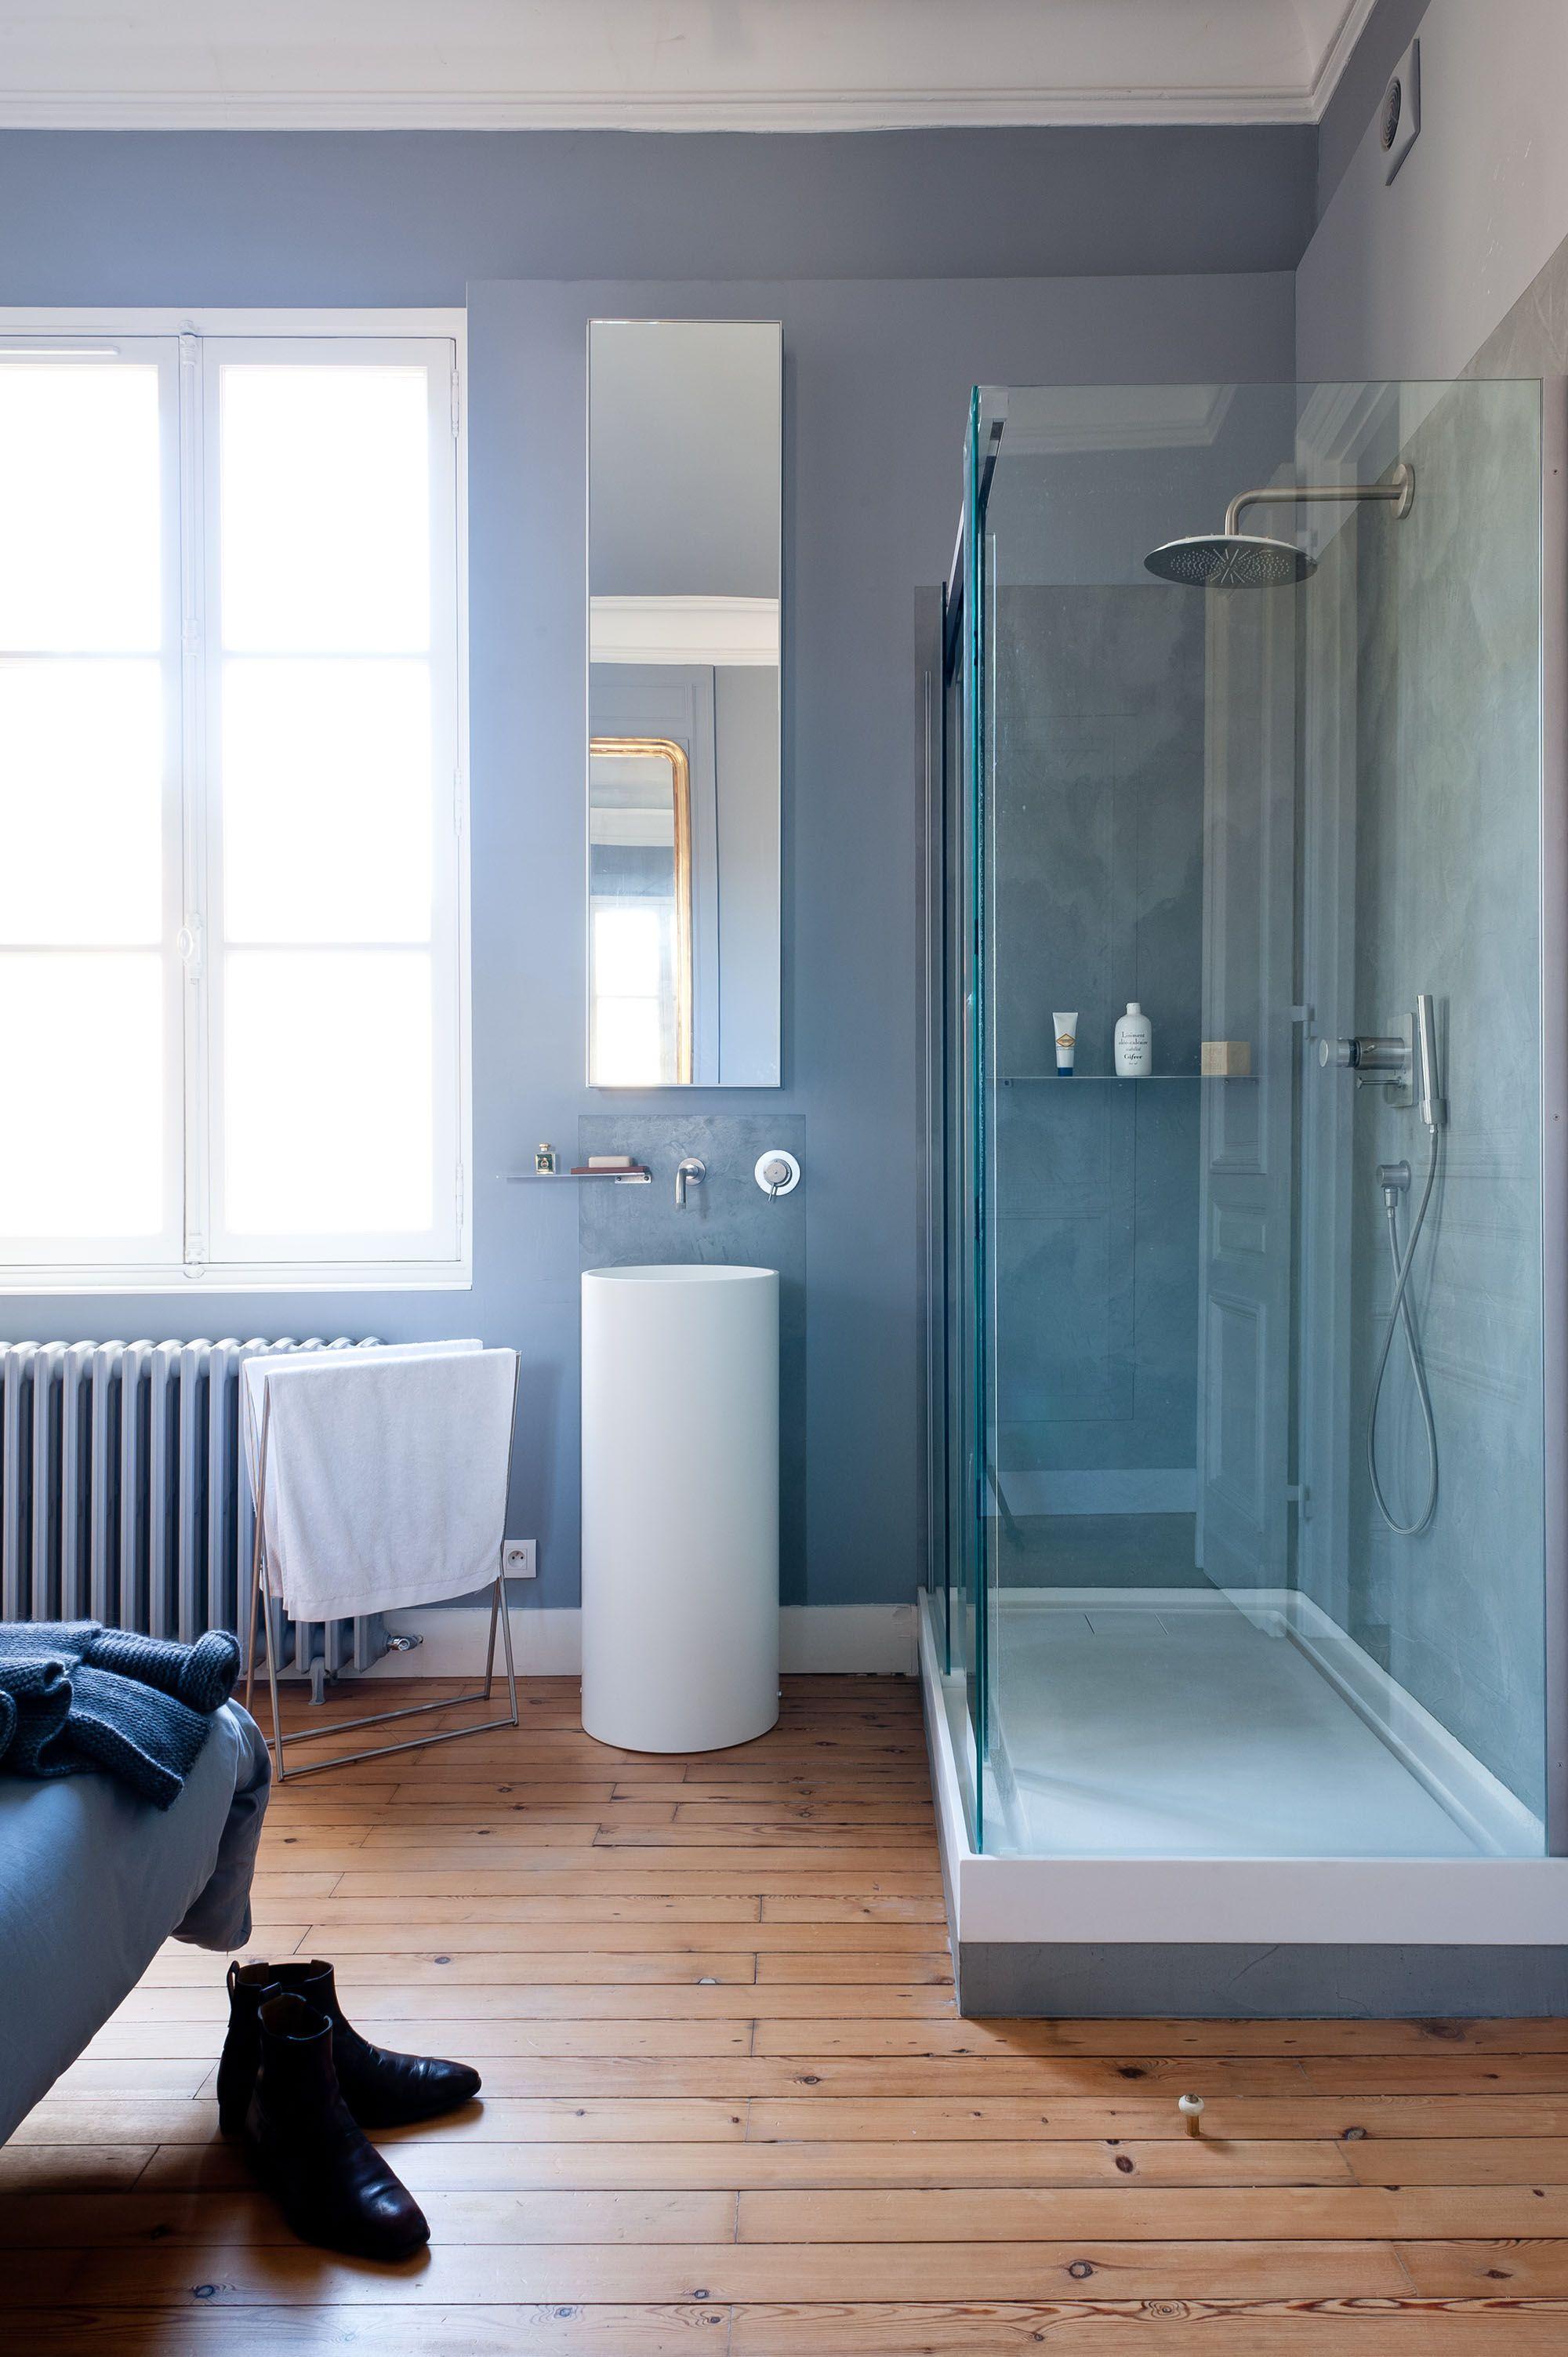 salle de bains am nag e dans chambre bleue et blanche avec ornements anciens dans appartement. Black Bedroom Furniture Sets. Home Design Ideas